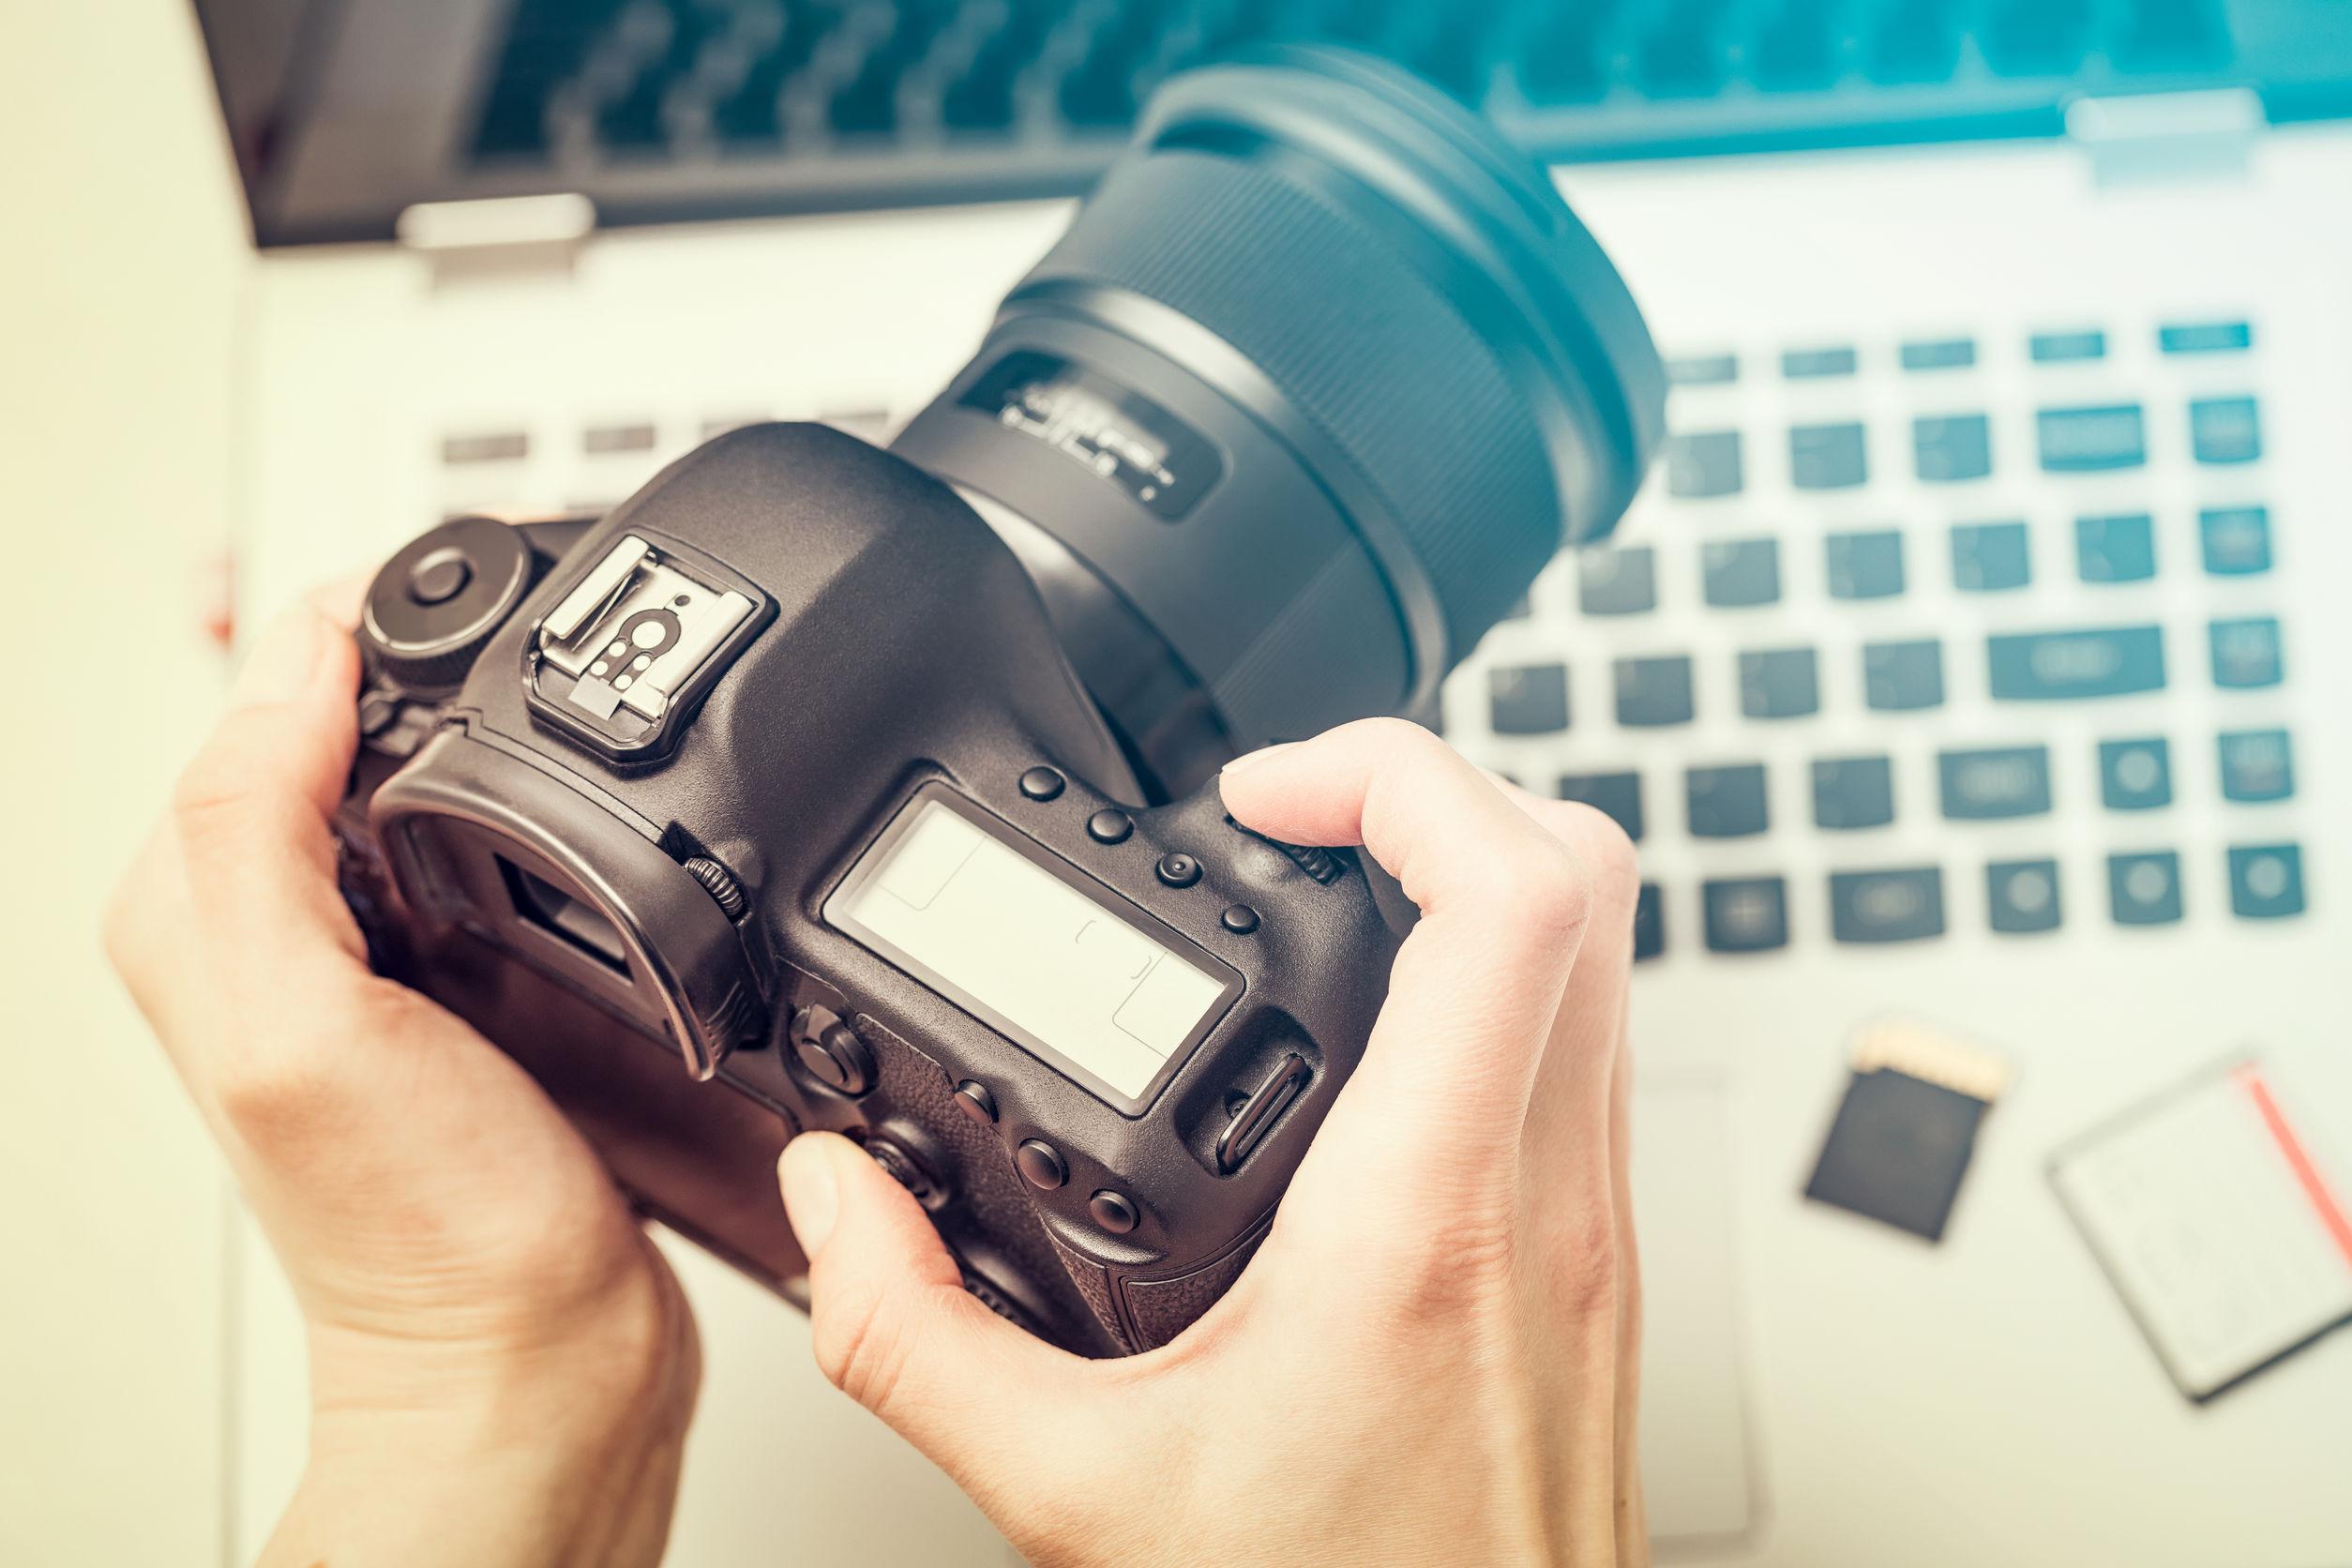 Miglior fotocamera digitale 2020: Guida all'acquisto